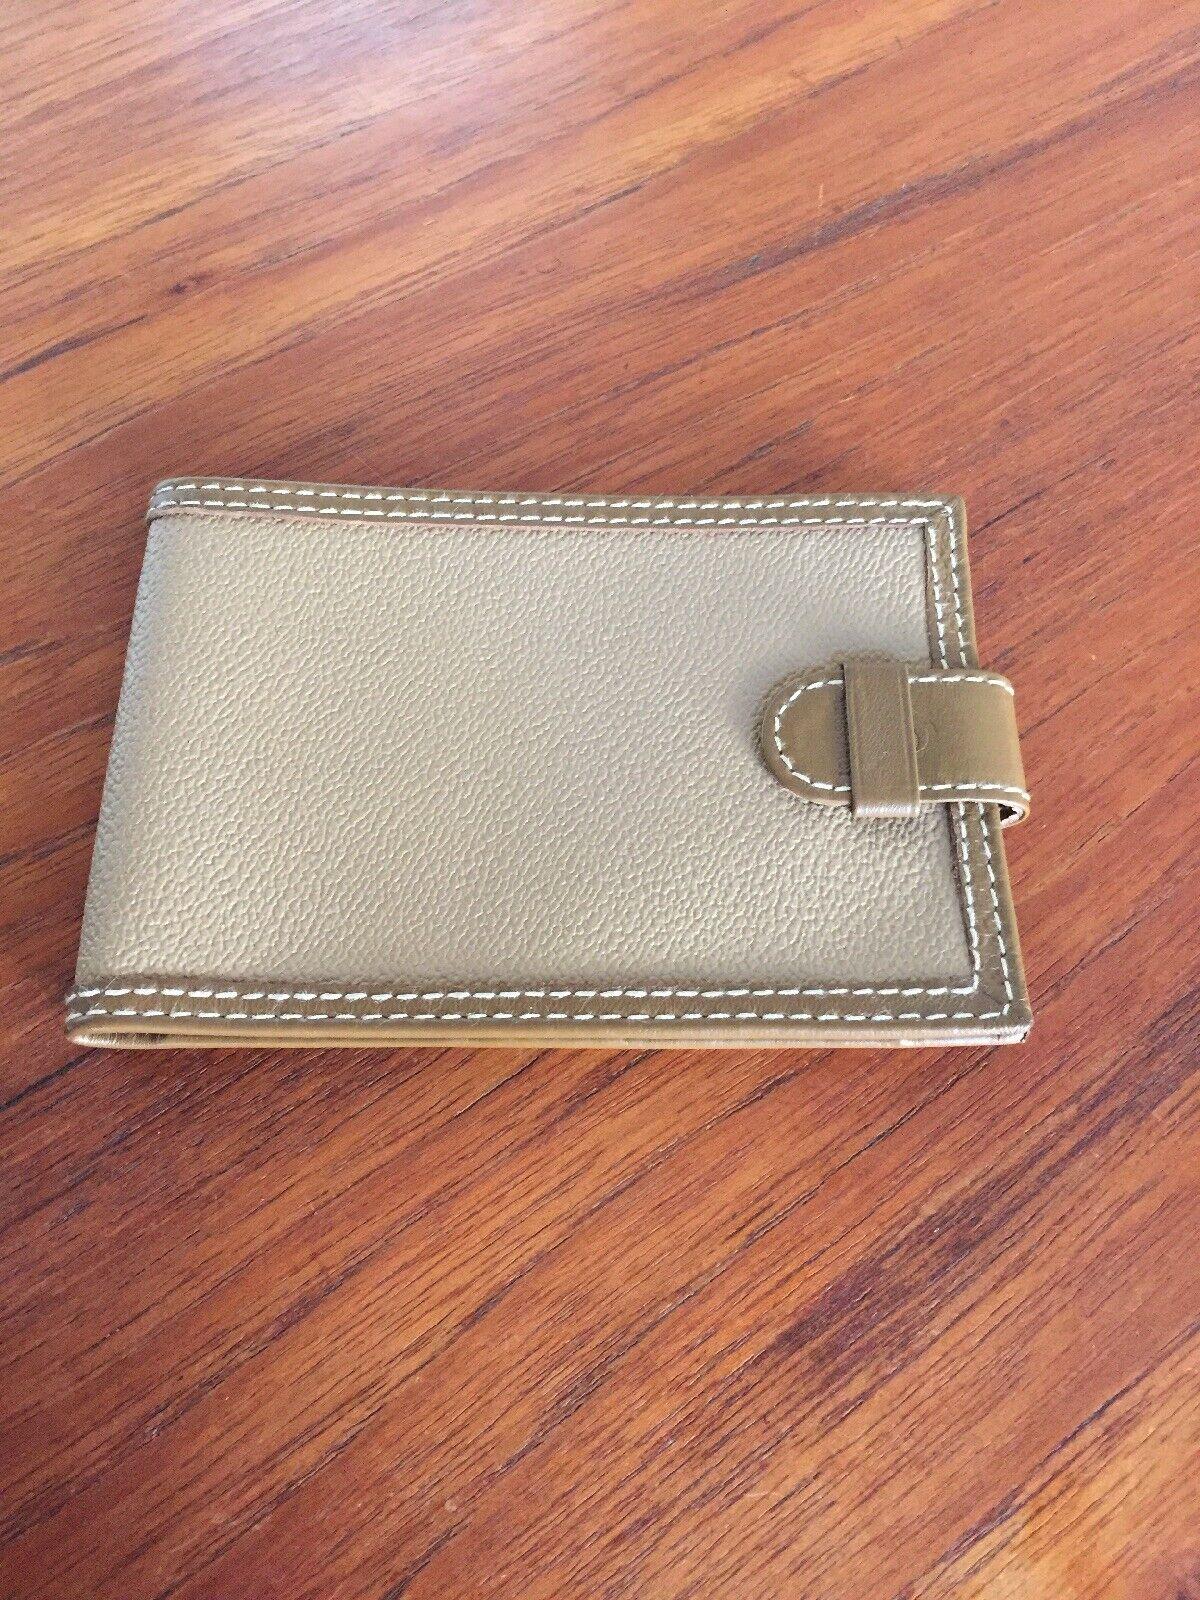 Trussardi Brown Note/document Wallet Brand New